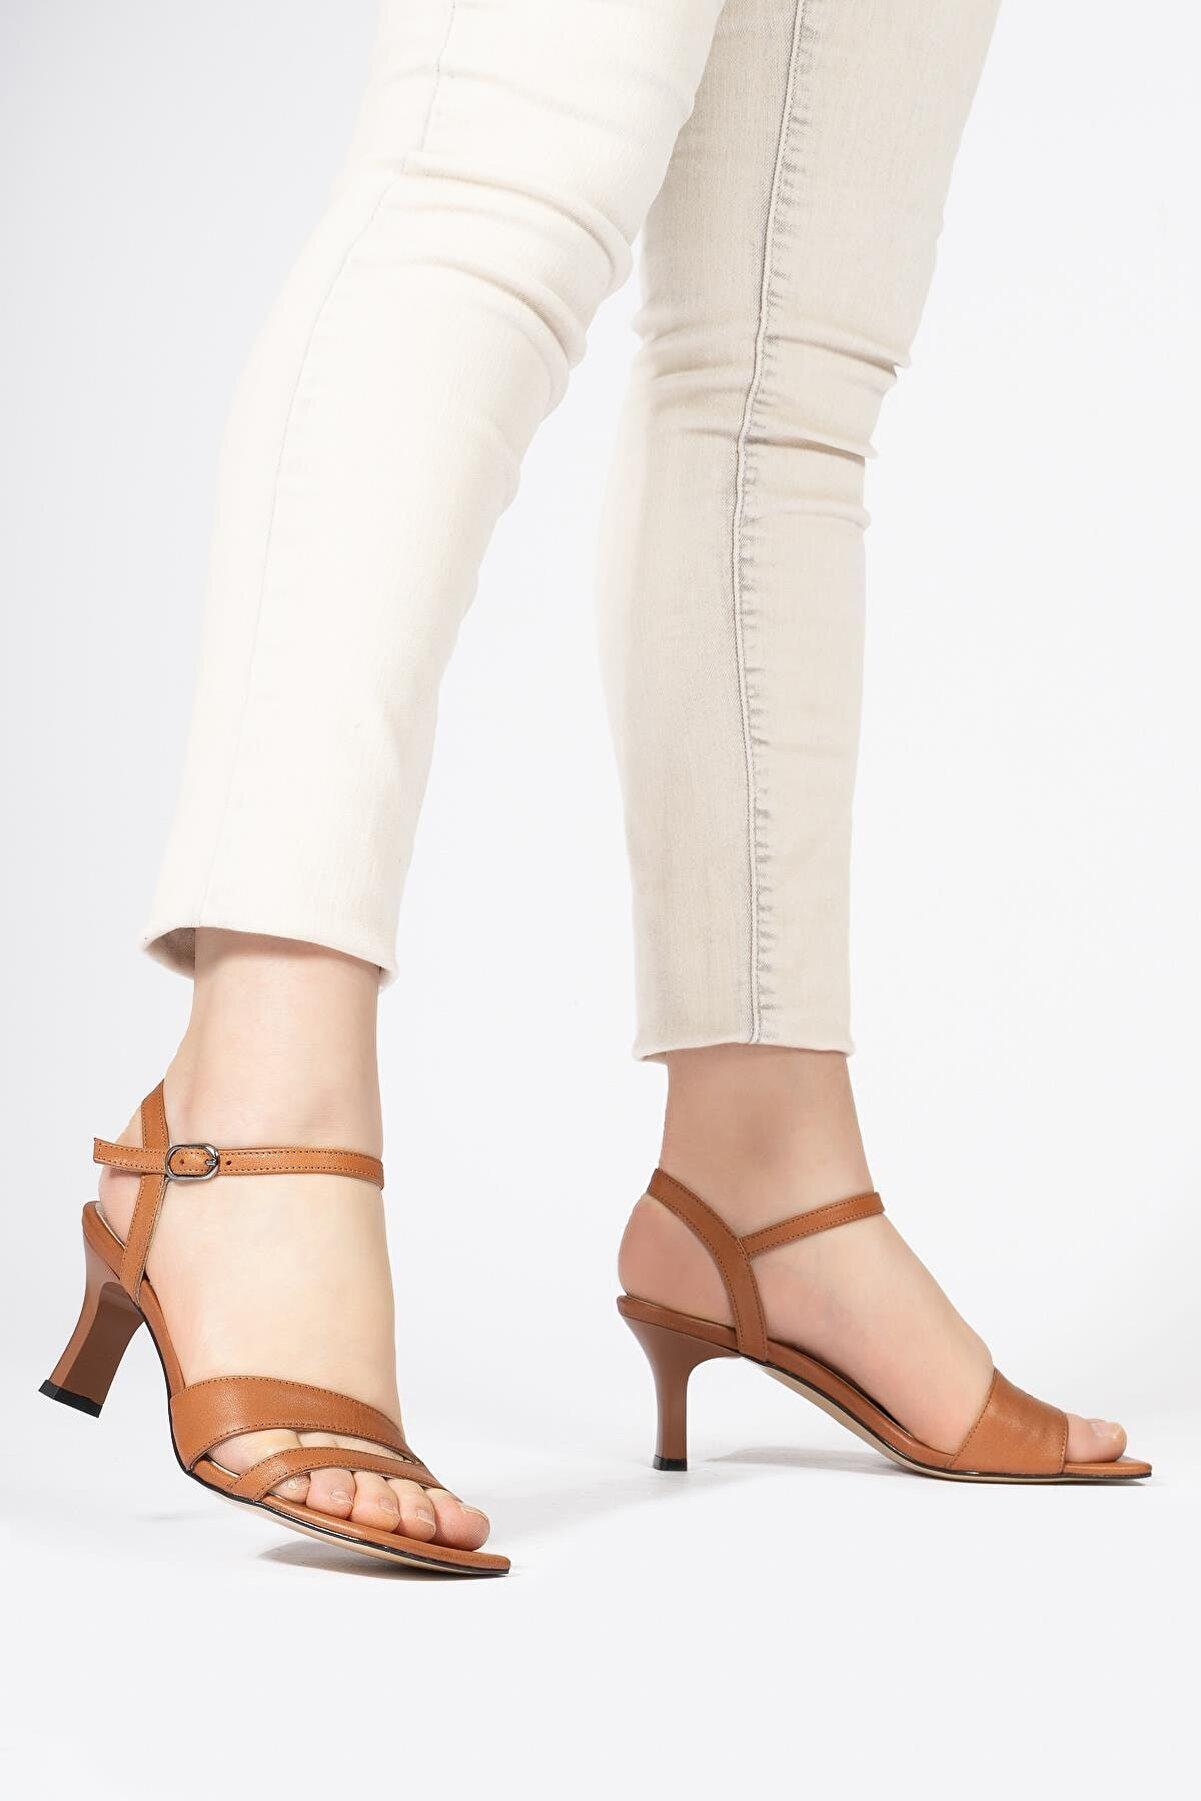 CZ London Kadın Taba Hakiki Deri Bilekten Bağlamalı Topuklu Sandalet